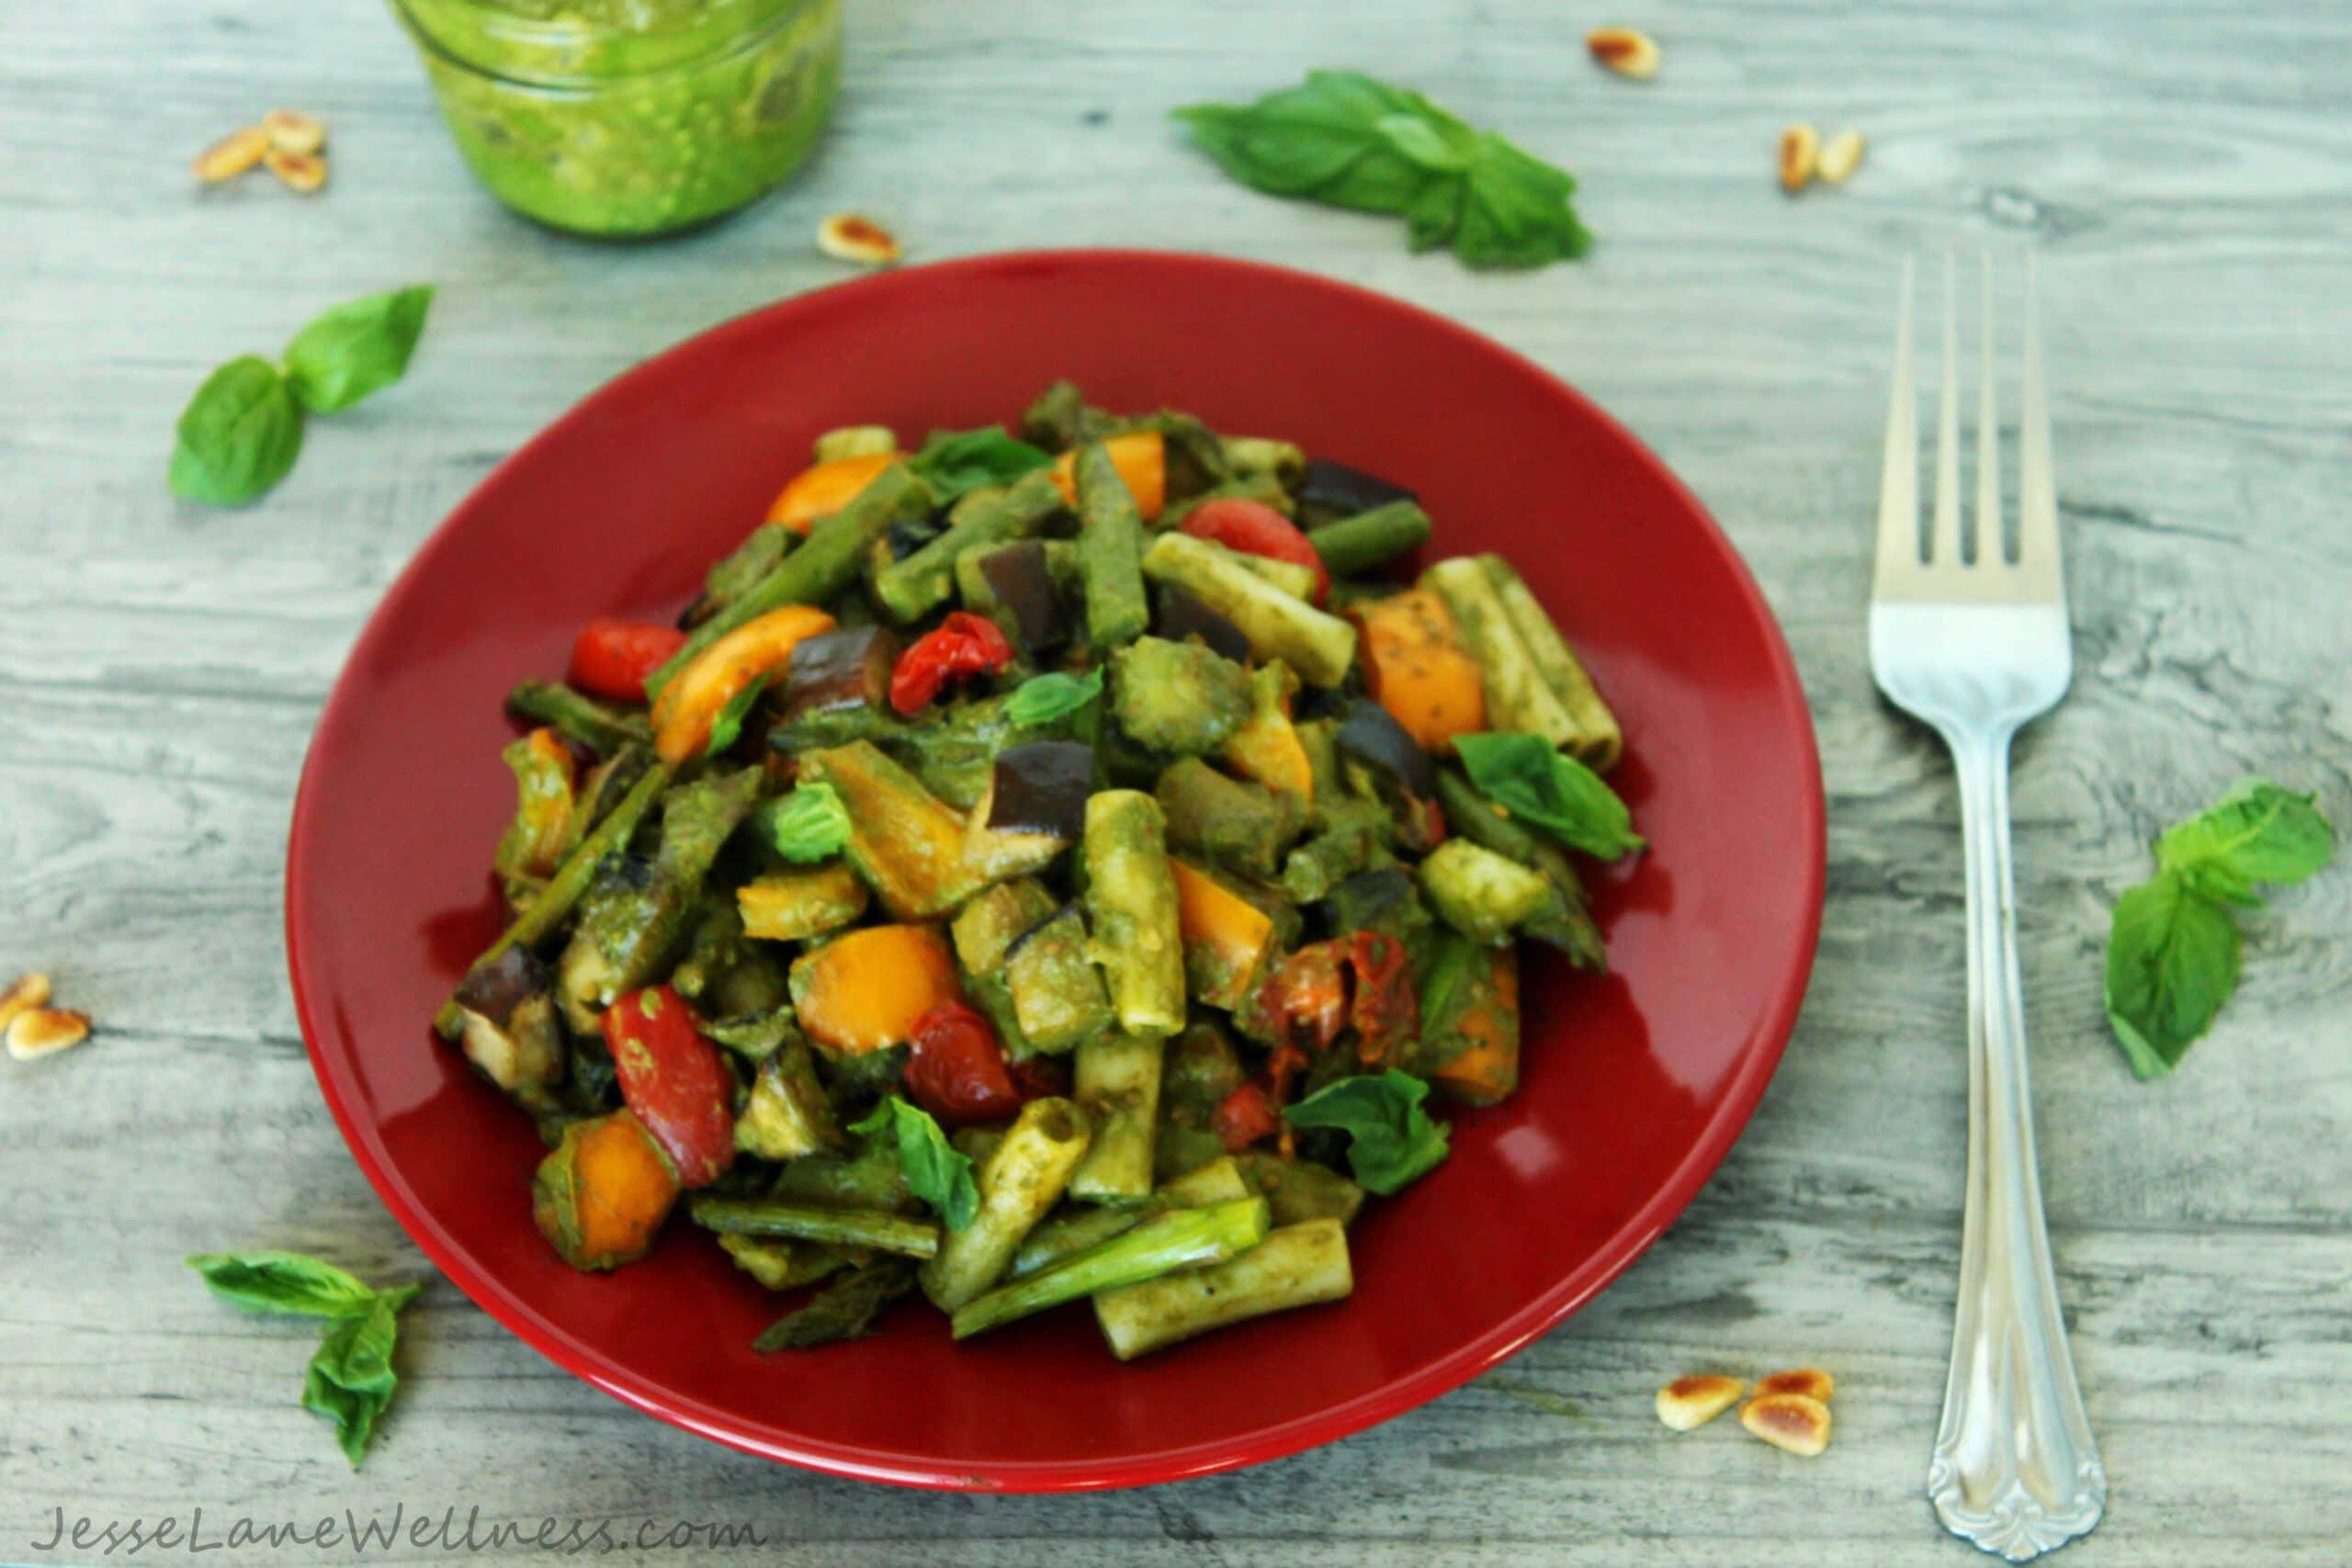 Pesto Primavera with Roasted Veggies y @JesseLWellness #dairyfree #vegan #pesto #pasta